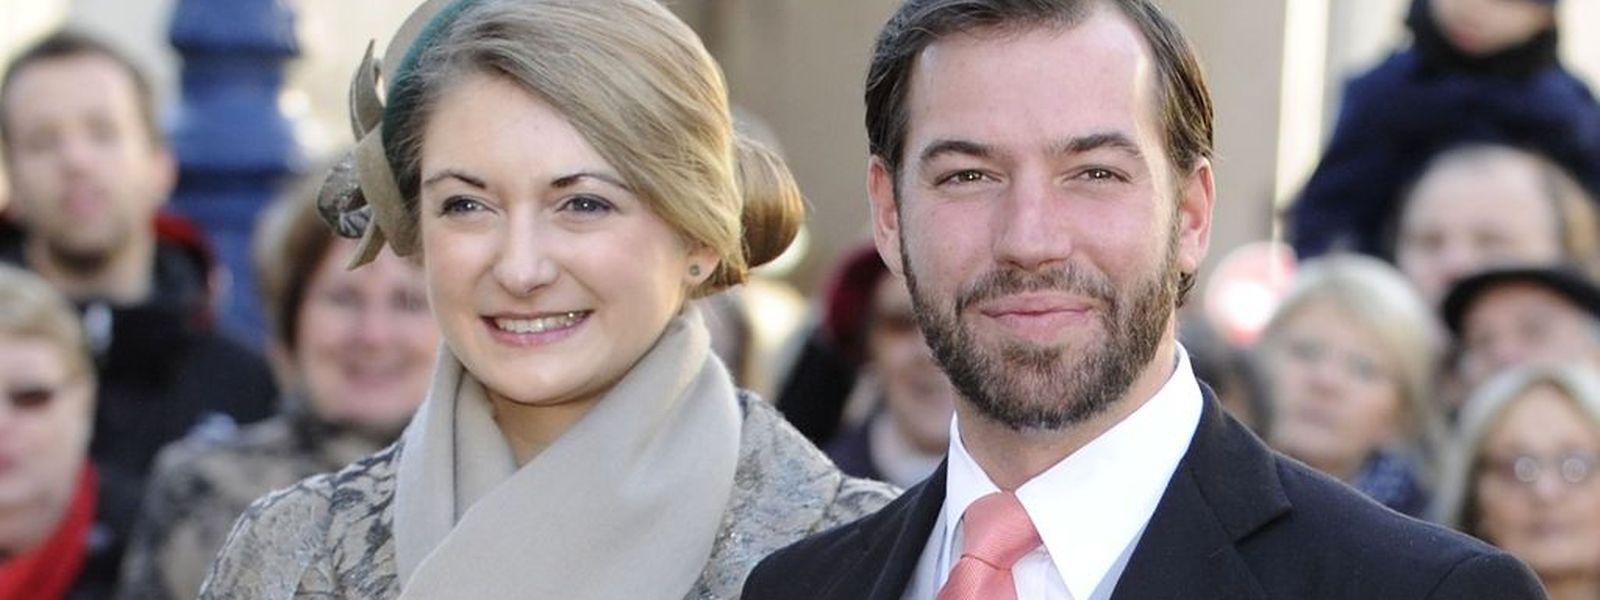 Stéphanie und Guillaume werden von Sonntag bis Freitag in Südkorea und Japan weilen.